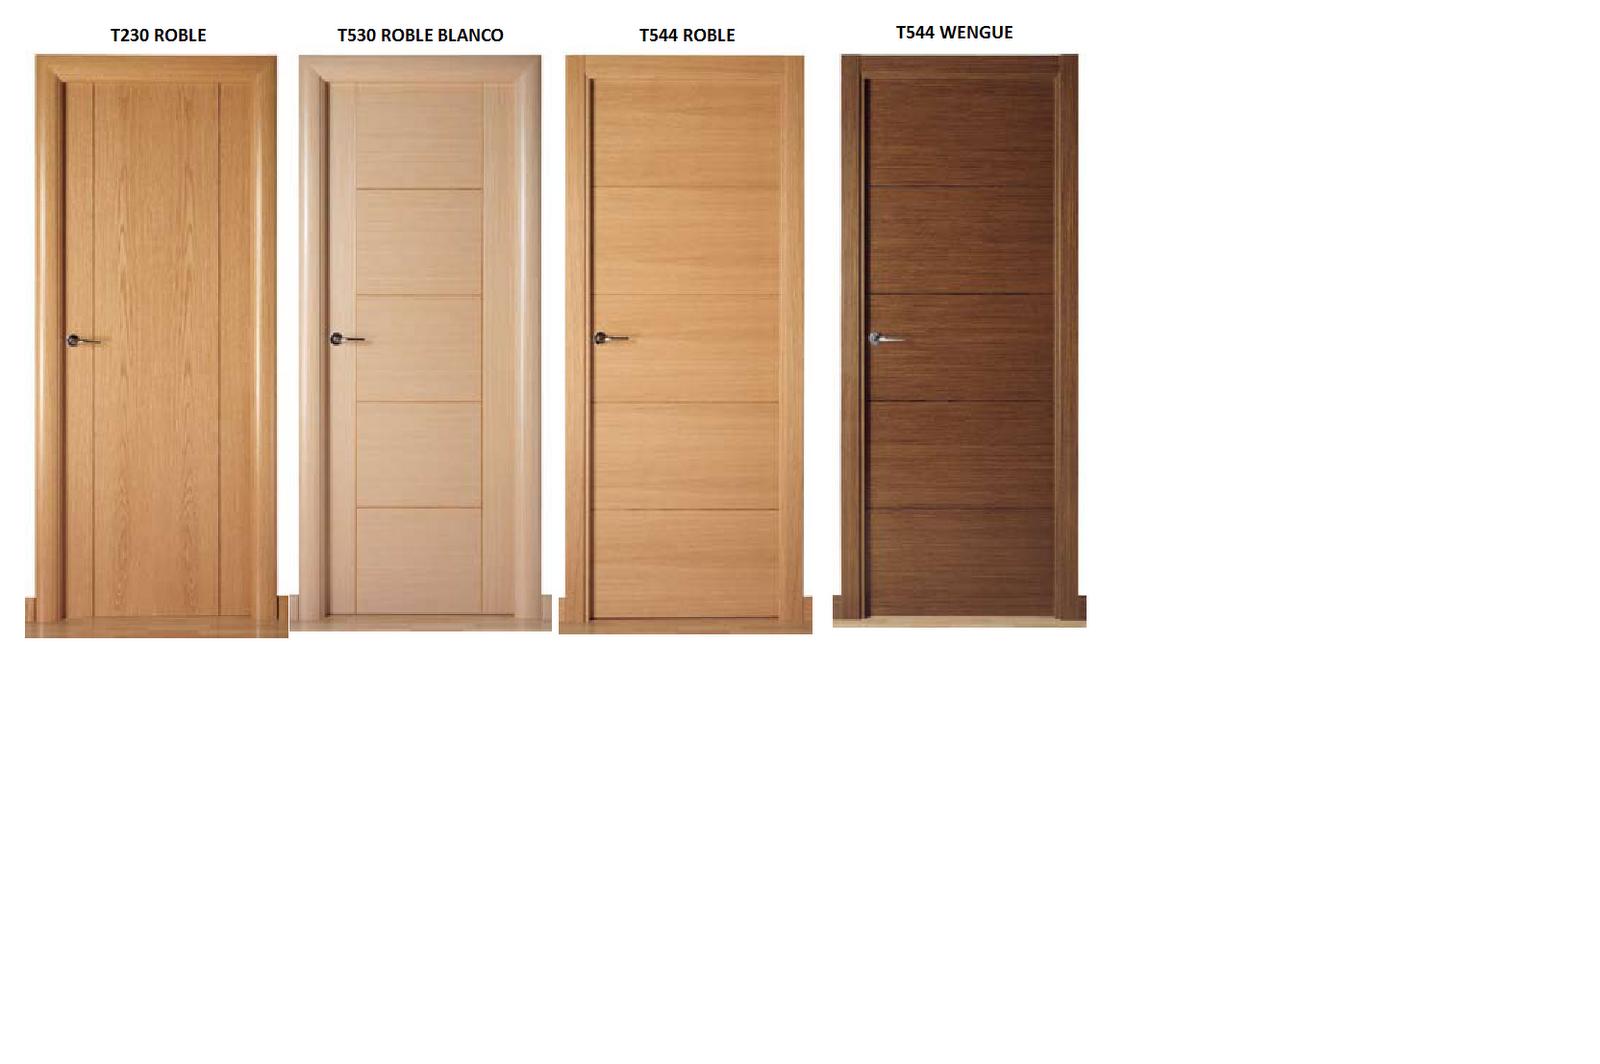 Puertas de interiores de madera excellent puertas de for Puertas de madera interiores